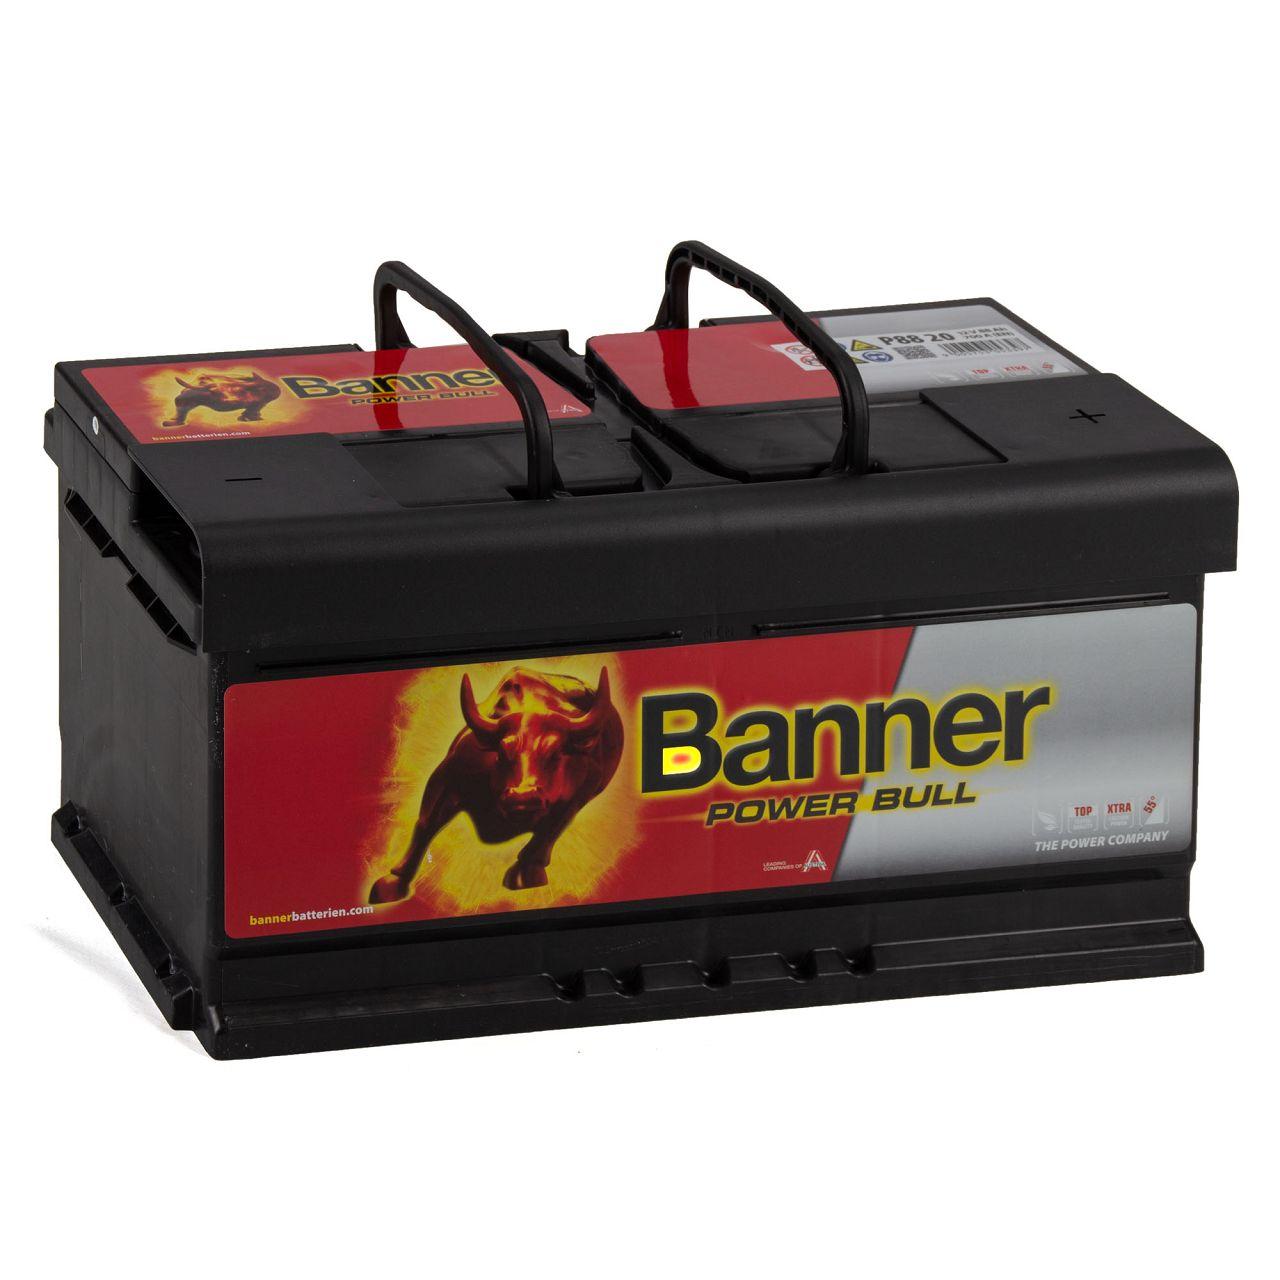 BANNER 58820 P8820 Power Bull Autobatterie Batterie 12V 88Ah 700A